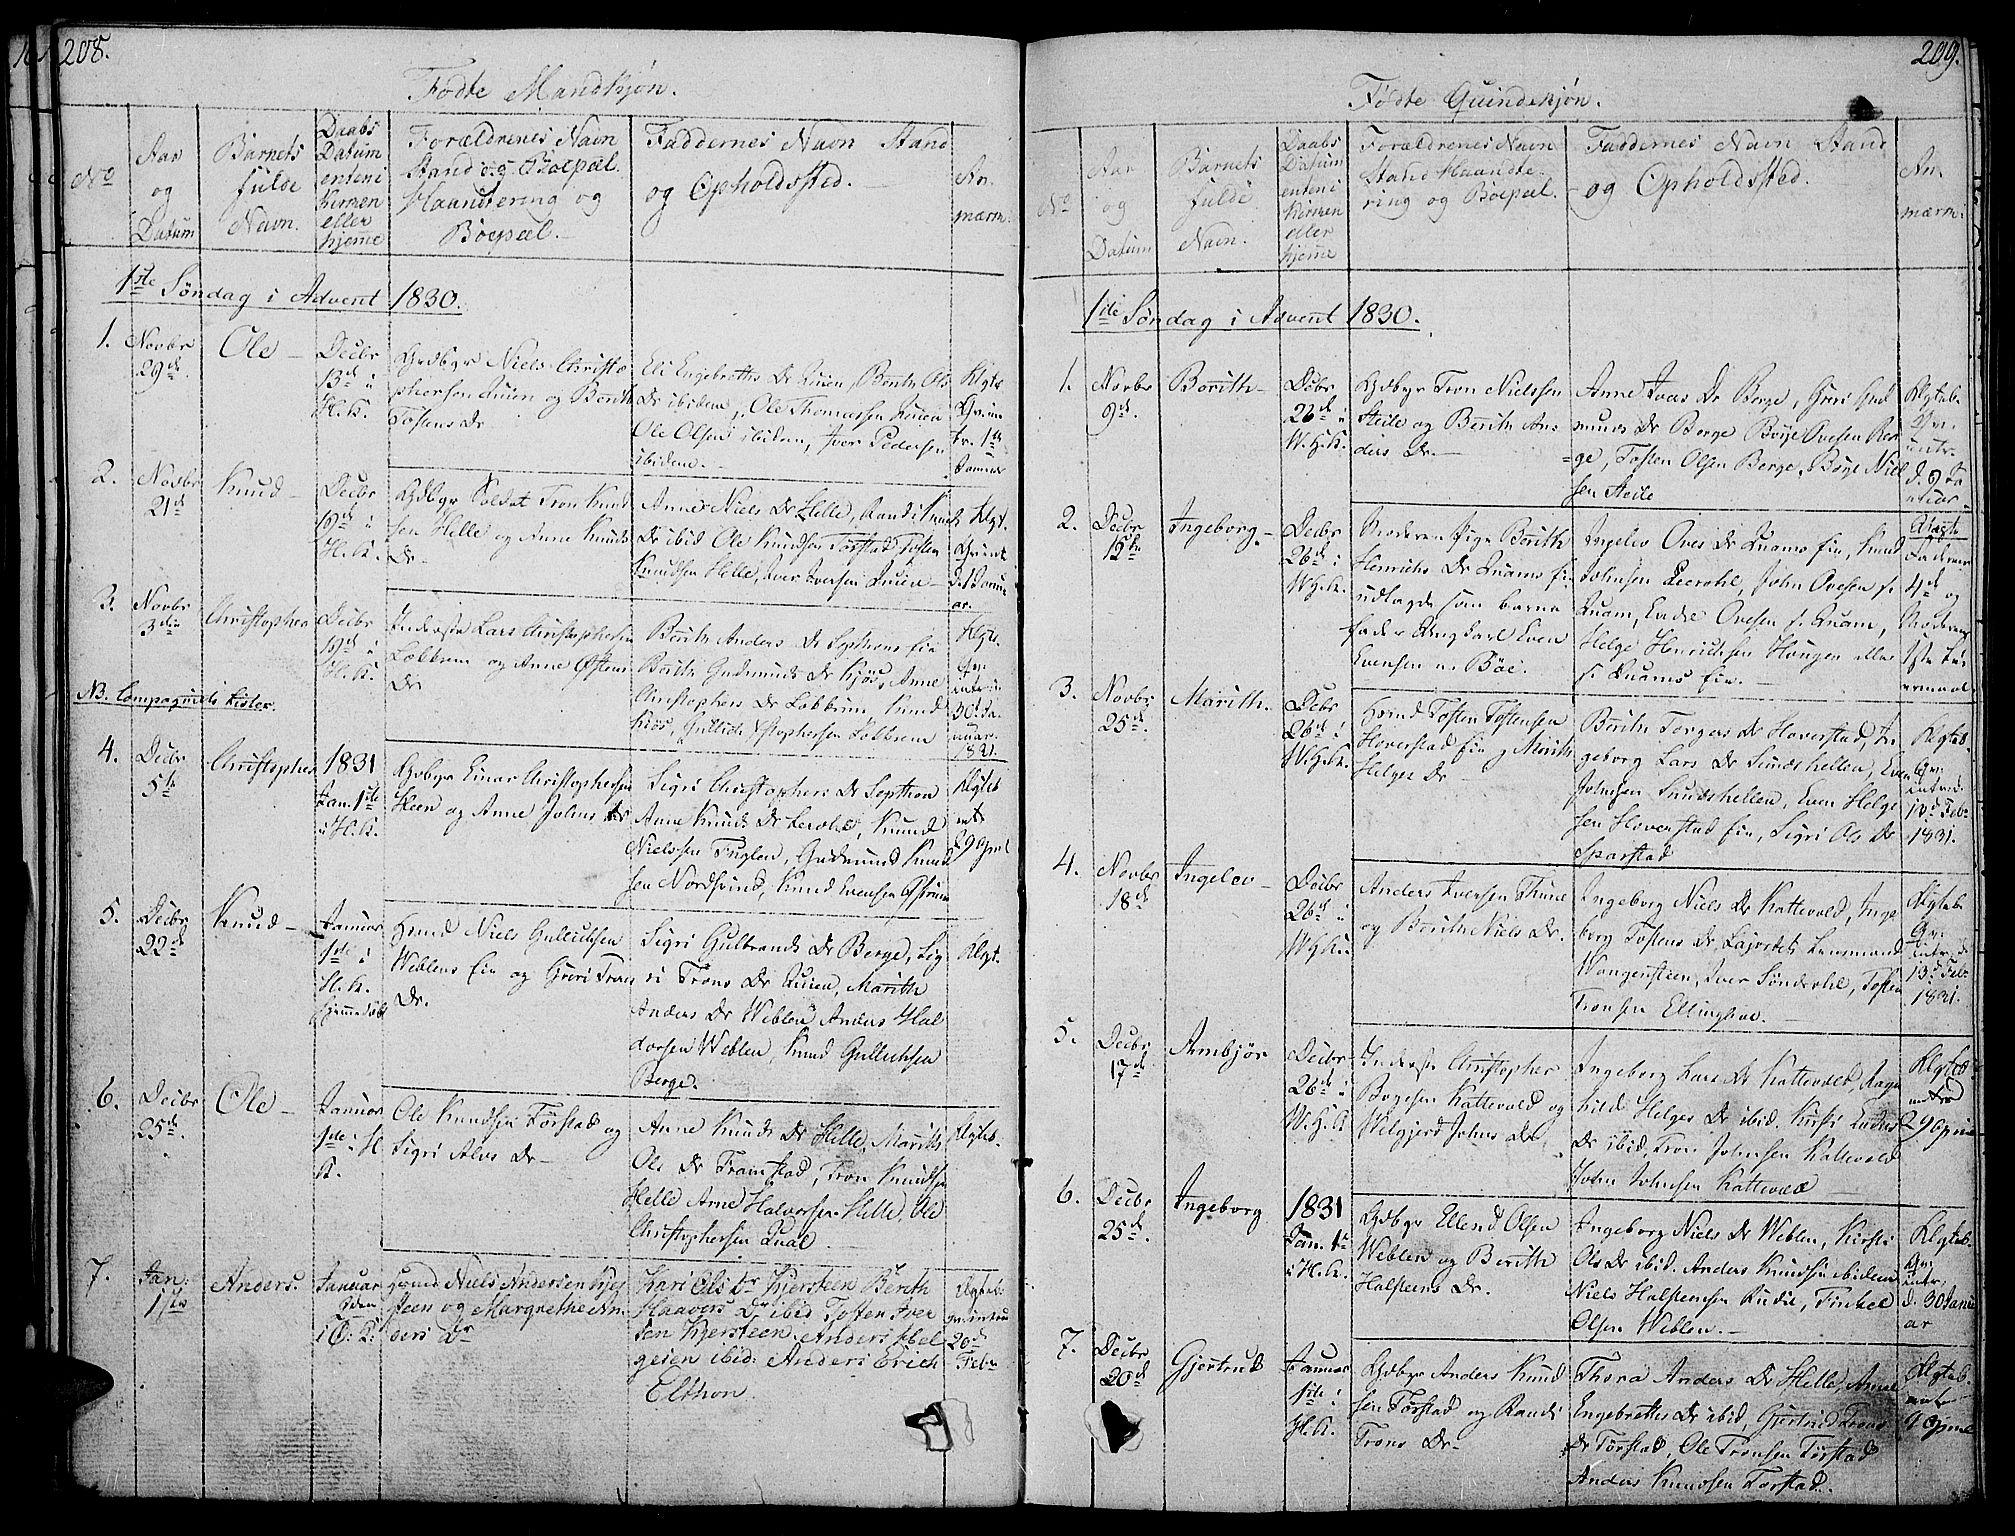 SAH, Vang prestekontor, Valdres, Ministerialbok nr. 3, 1809-1831, s. 208-209